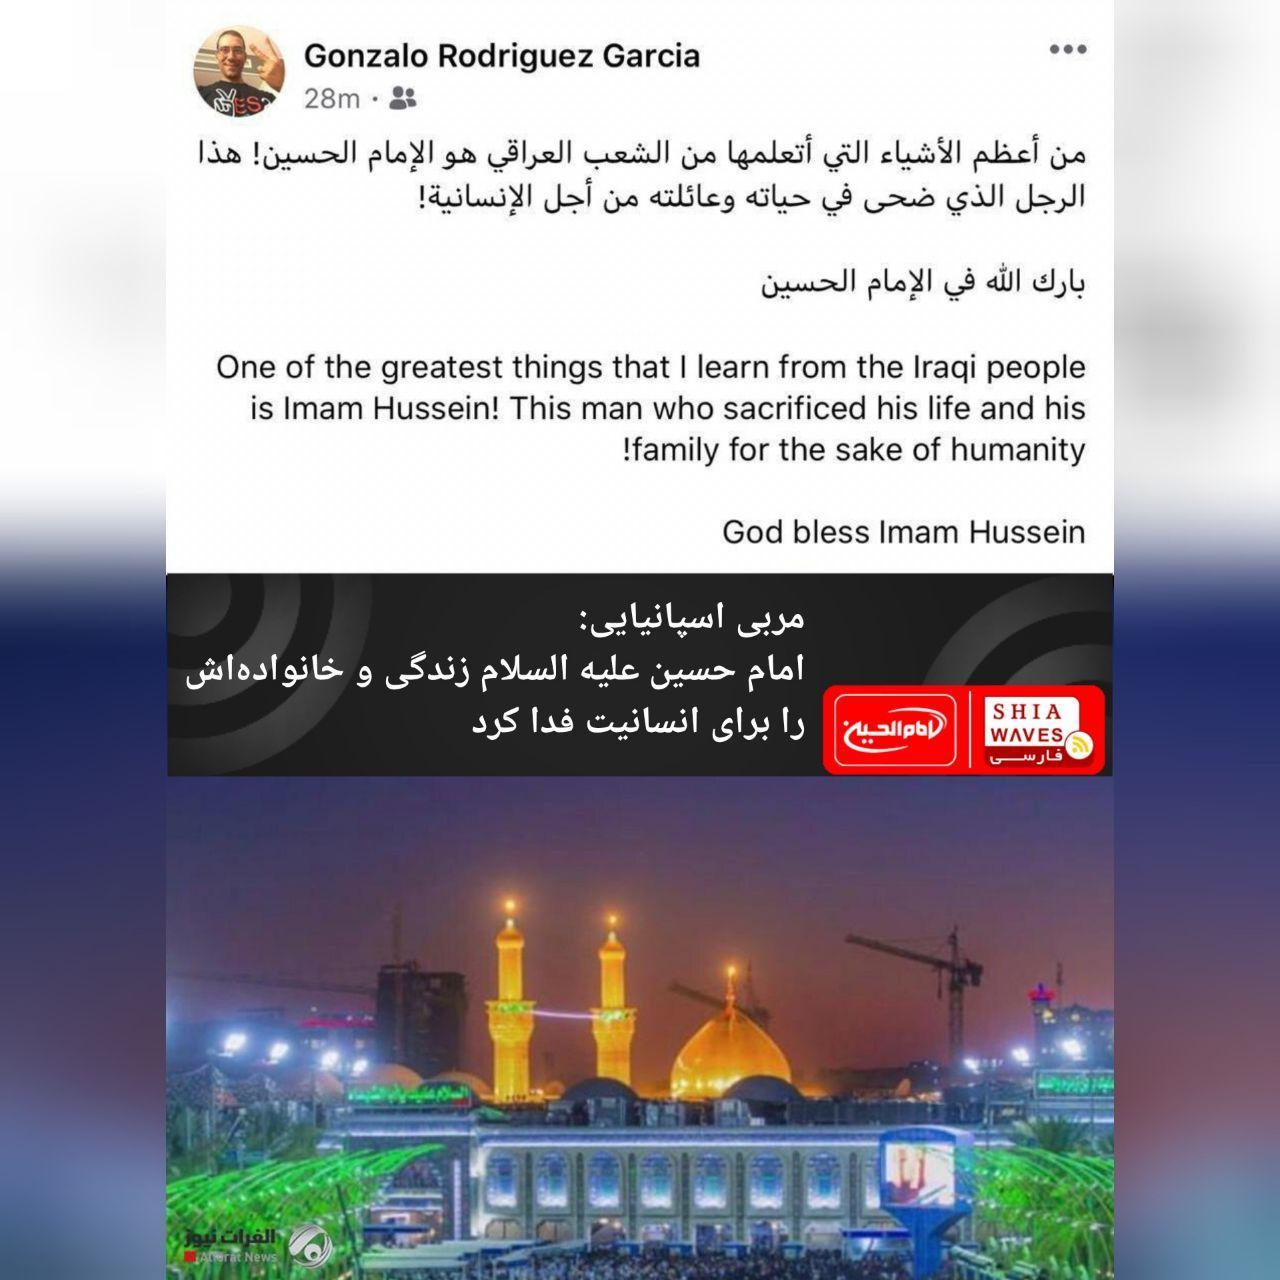 تصویر مربی اسپانیایی: امام حسین علیه السلام زندگی و خانوادهاش را برای انسانیت فدا کرد